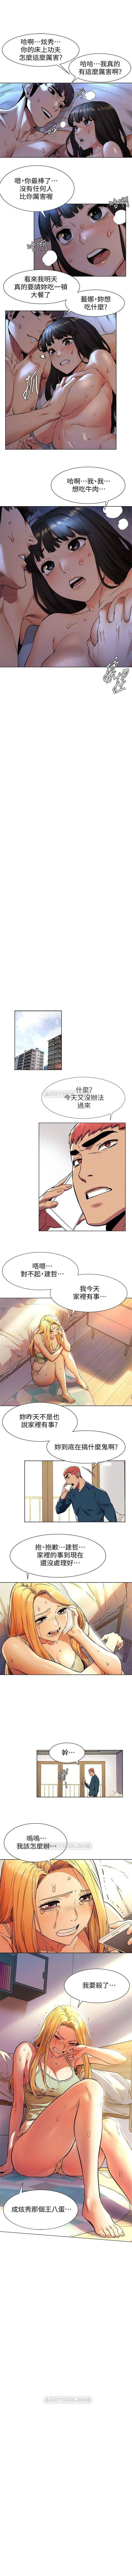 衝突 1-100官方中文(連載中) 451